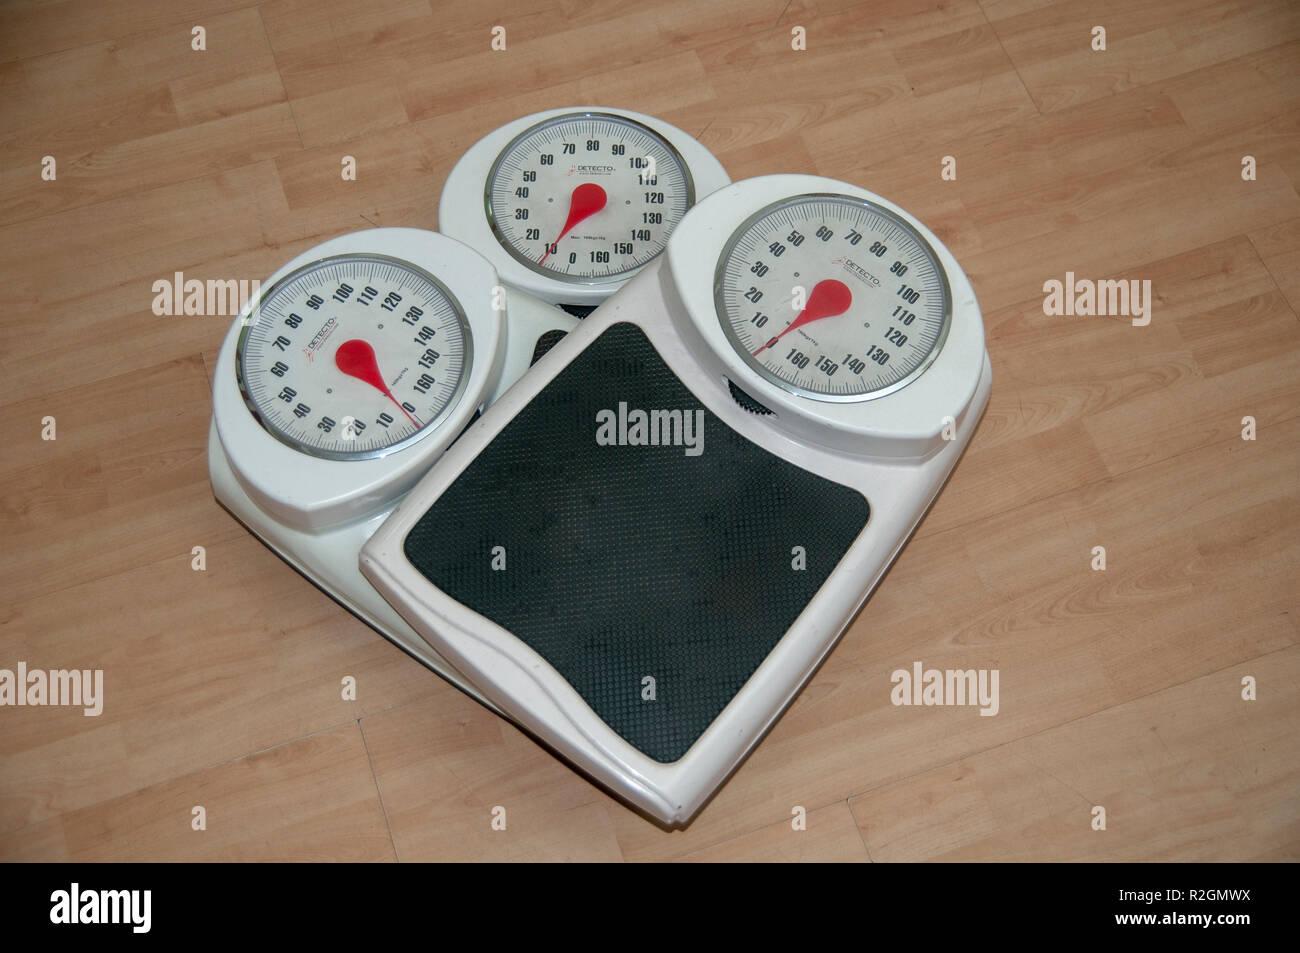 Diät, Gewichtsverlust und Körperbild konzeptionelle Bild von drei analogen Waage übereinander gestapelt Stockbild